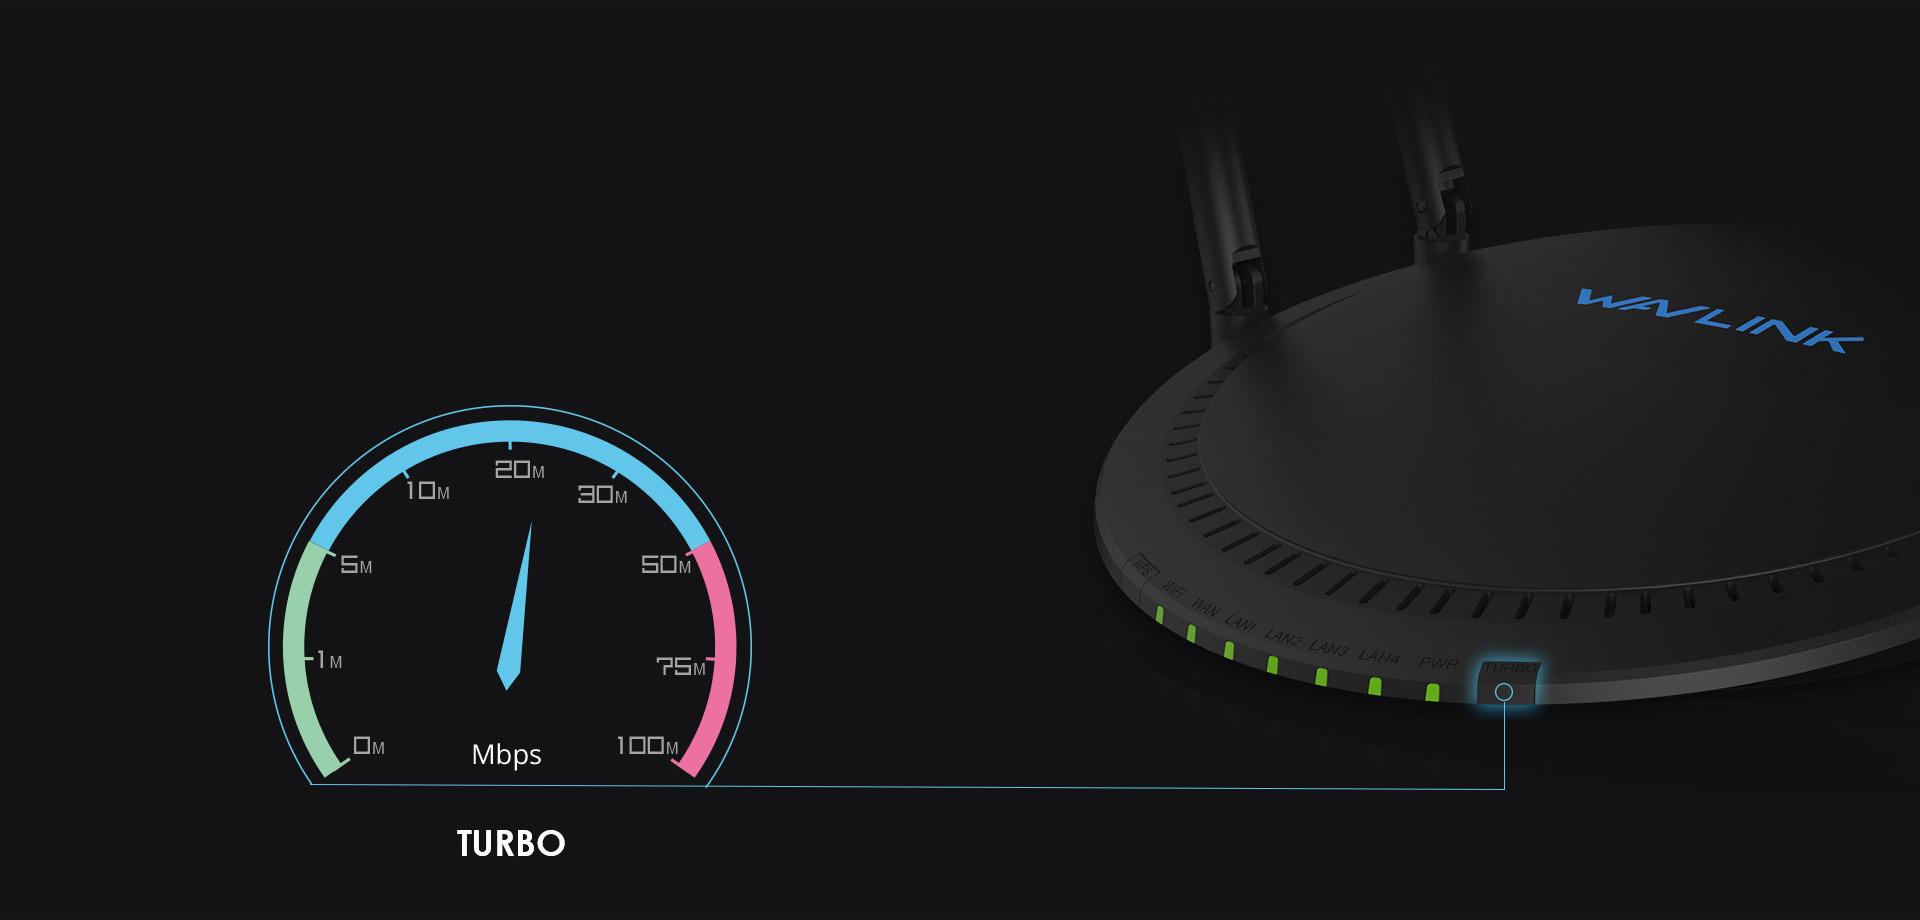 智能路由器,TURBO按钮,您的网络就会得到优化